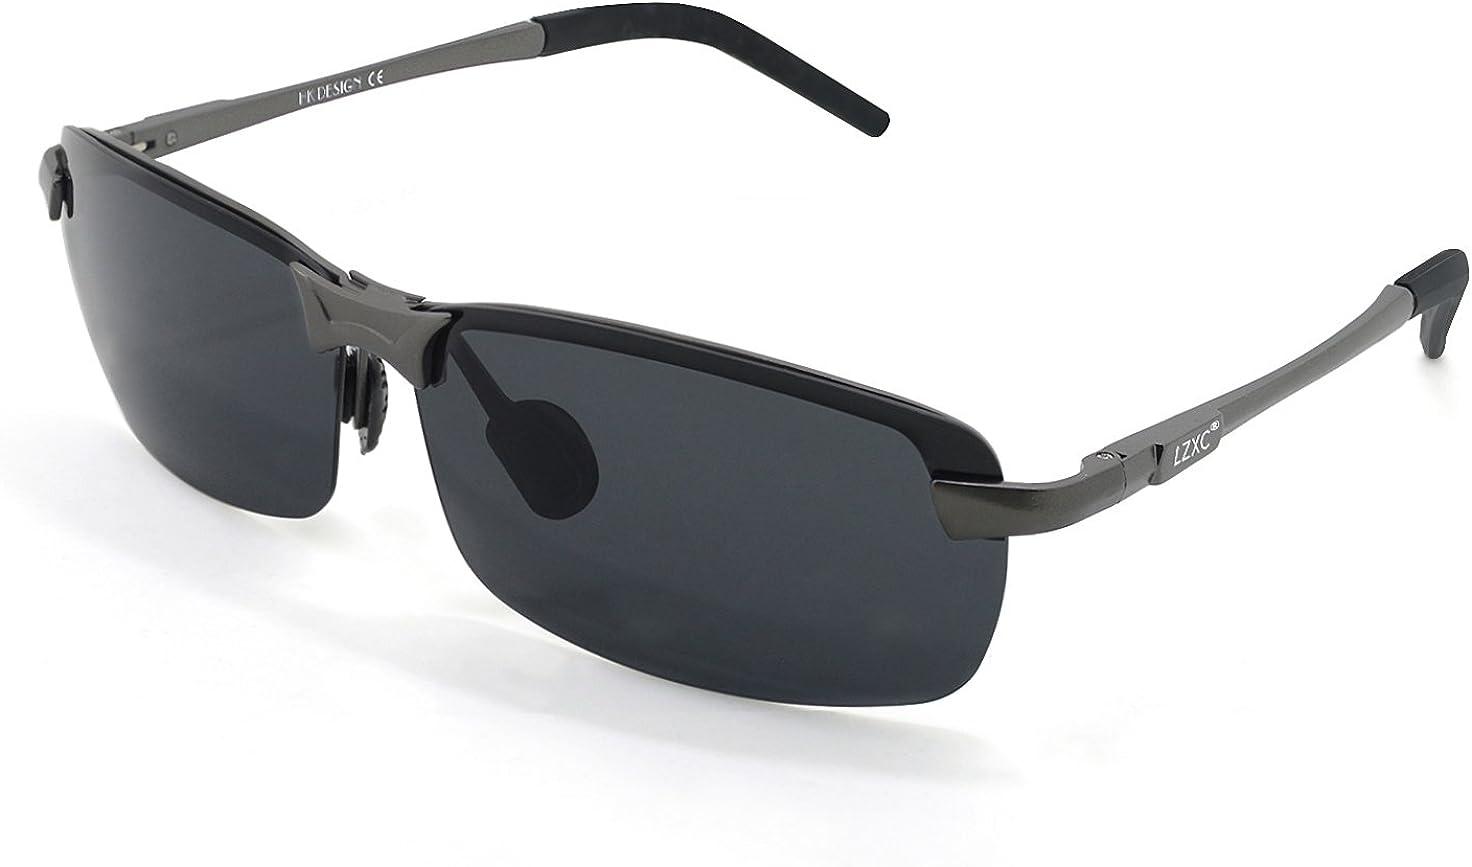 LZXC Polarizado Conducir Gafas De Sol Hombres Mujeres Deporte De Gafas Primavera De Bisagra Irrompible Ultra-Luz AL-MG HD Negro Lente